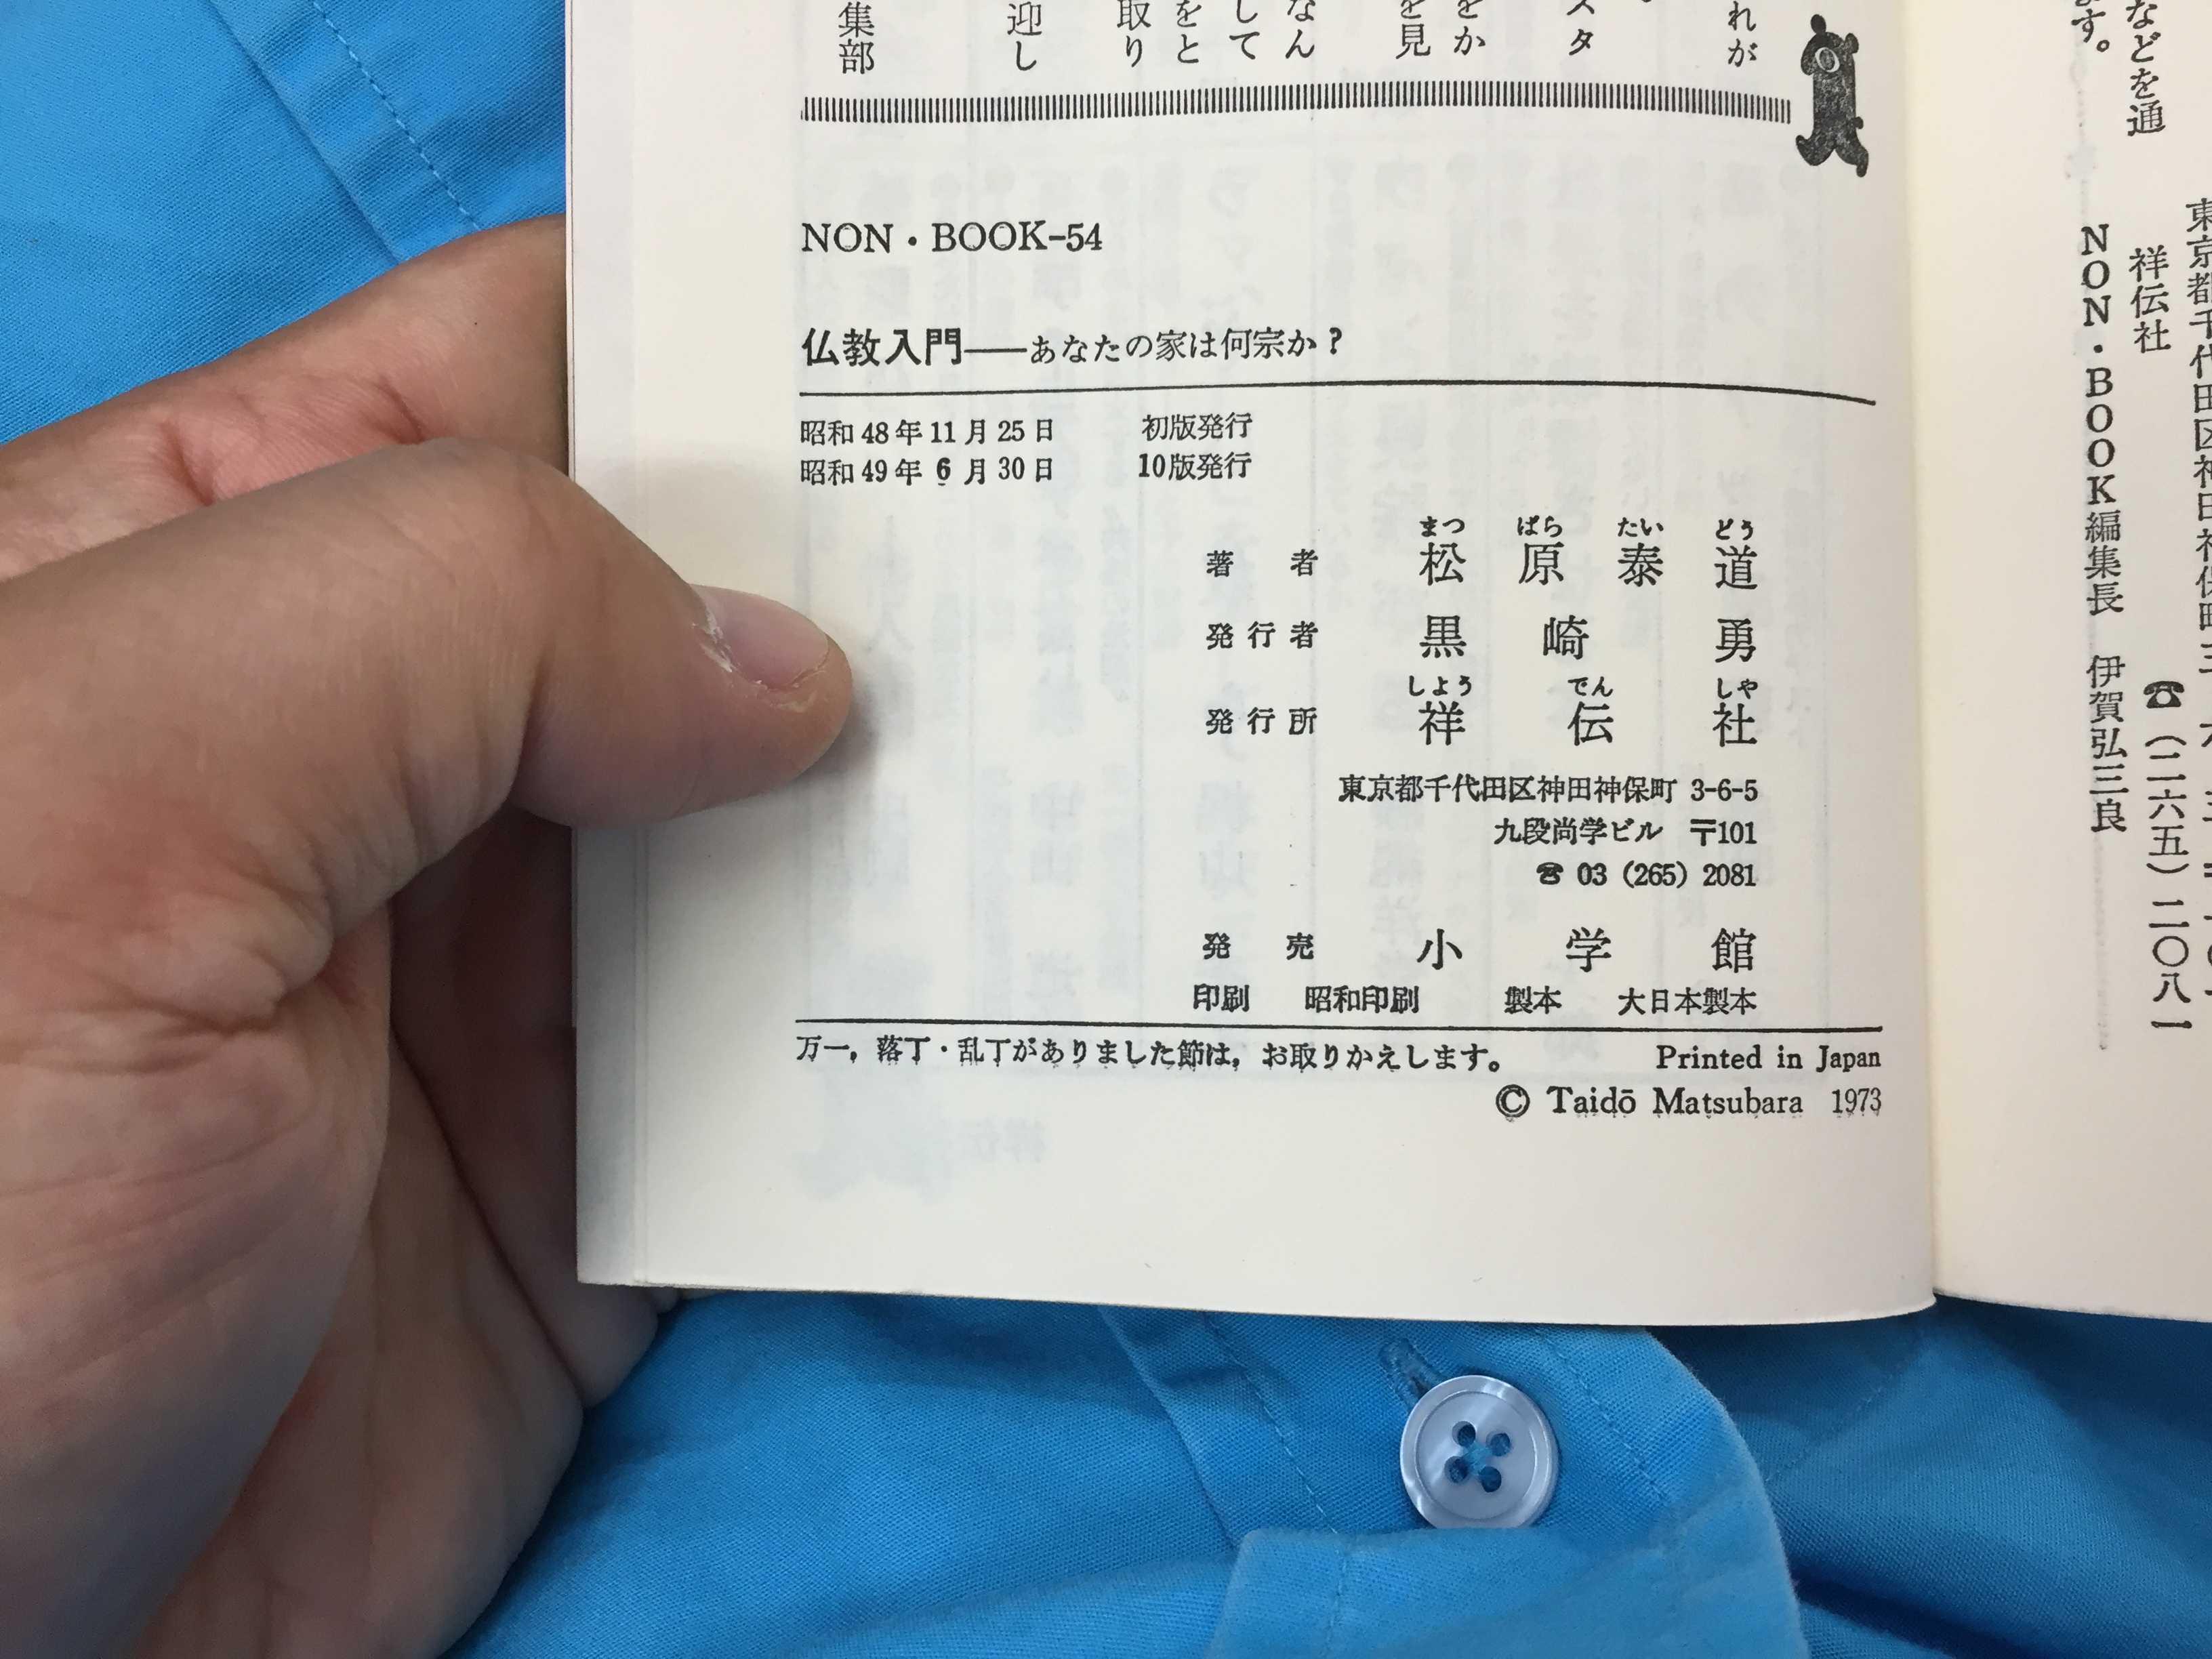 昭和49年6月30日 10版 「仏教入門 ― あなたの家は何宗か?」